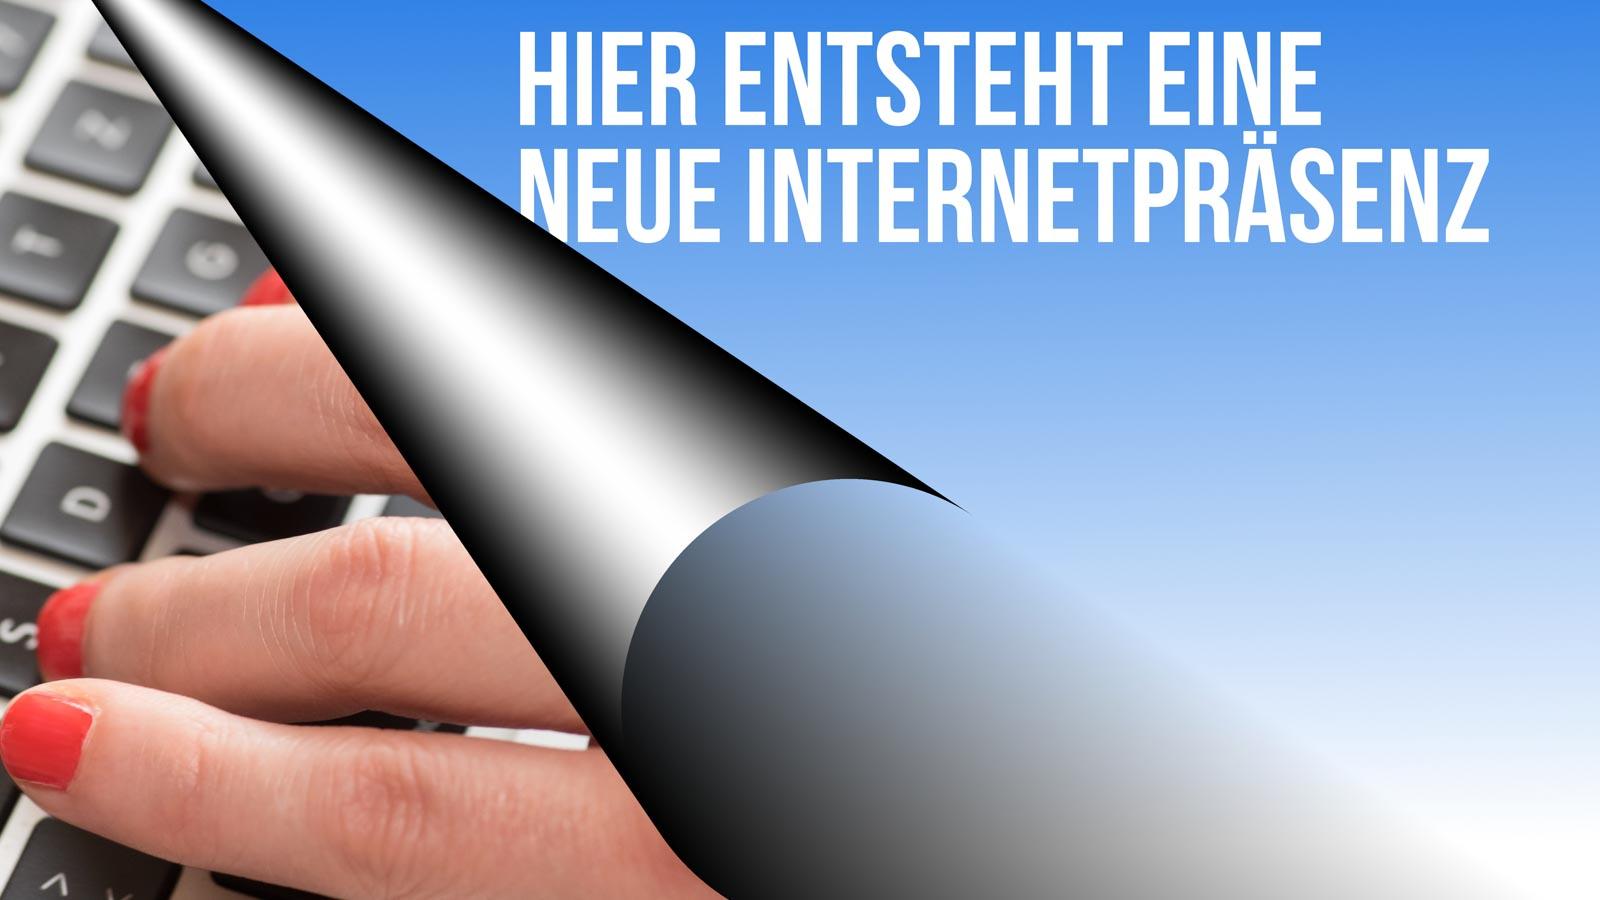 """Grafik """"Hier entsteht eine neue Internetpräsenz"""" über einer Tastatur mit Frauenhand"""